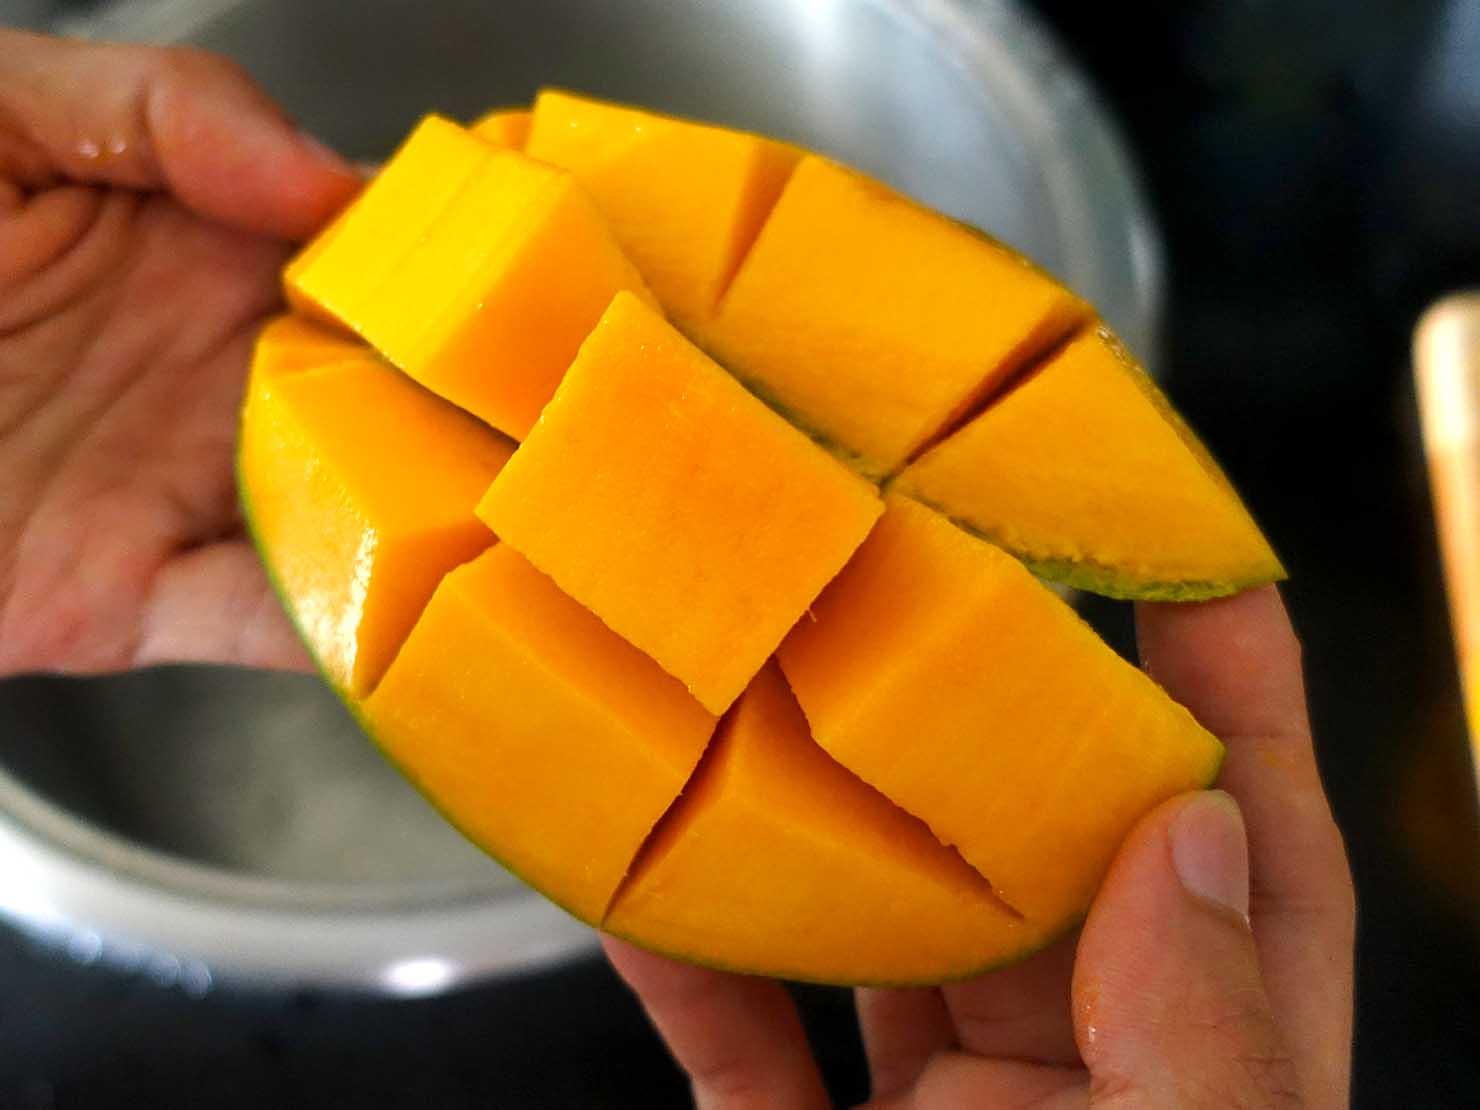 台湾のちょっと珍しい緑のマンゴー「烏香芒果」の切り方(飛び出す果肉)